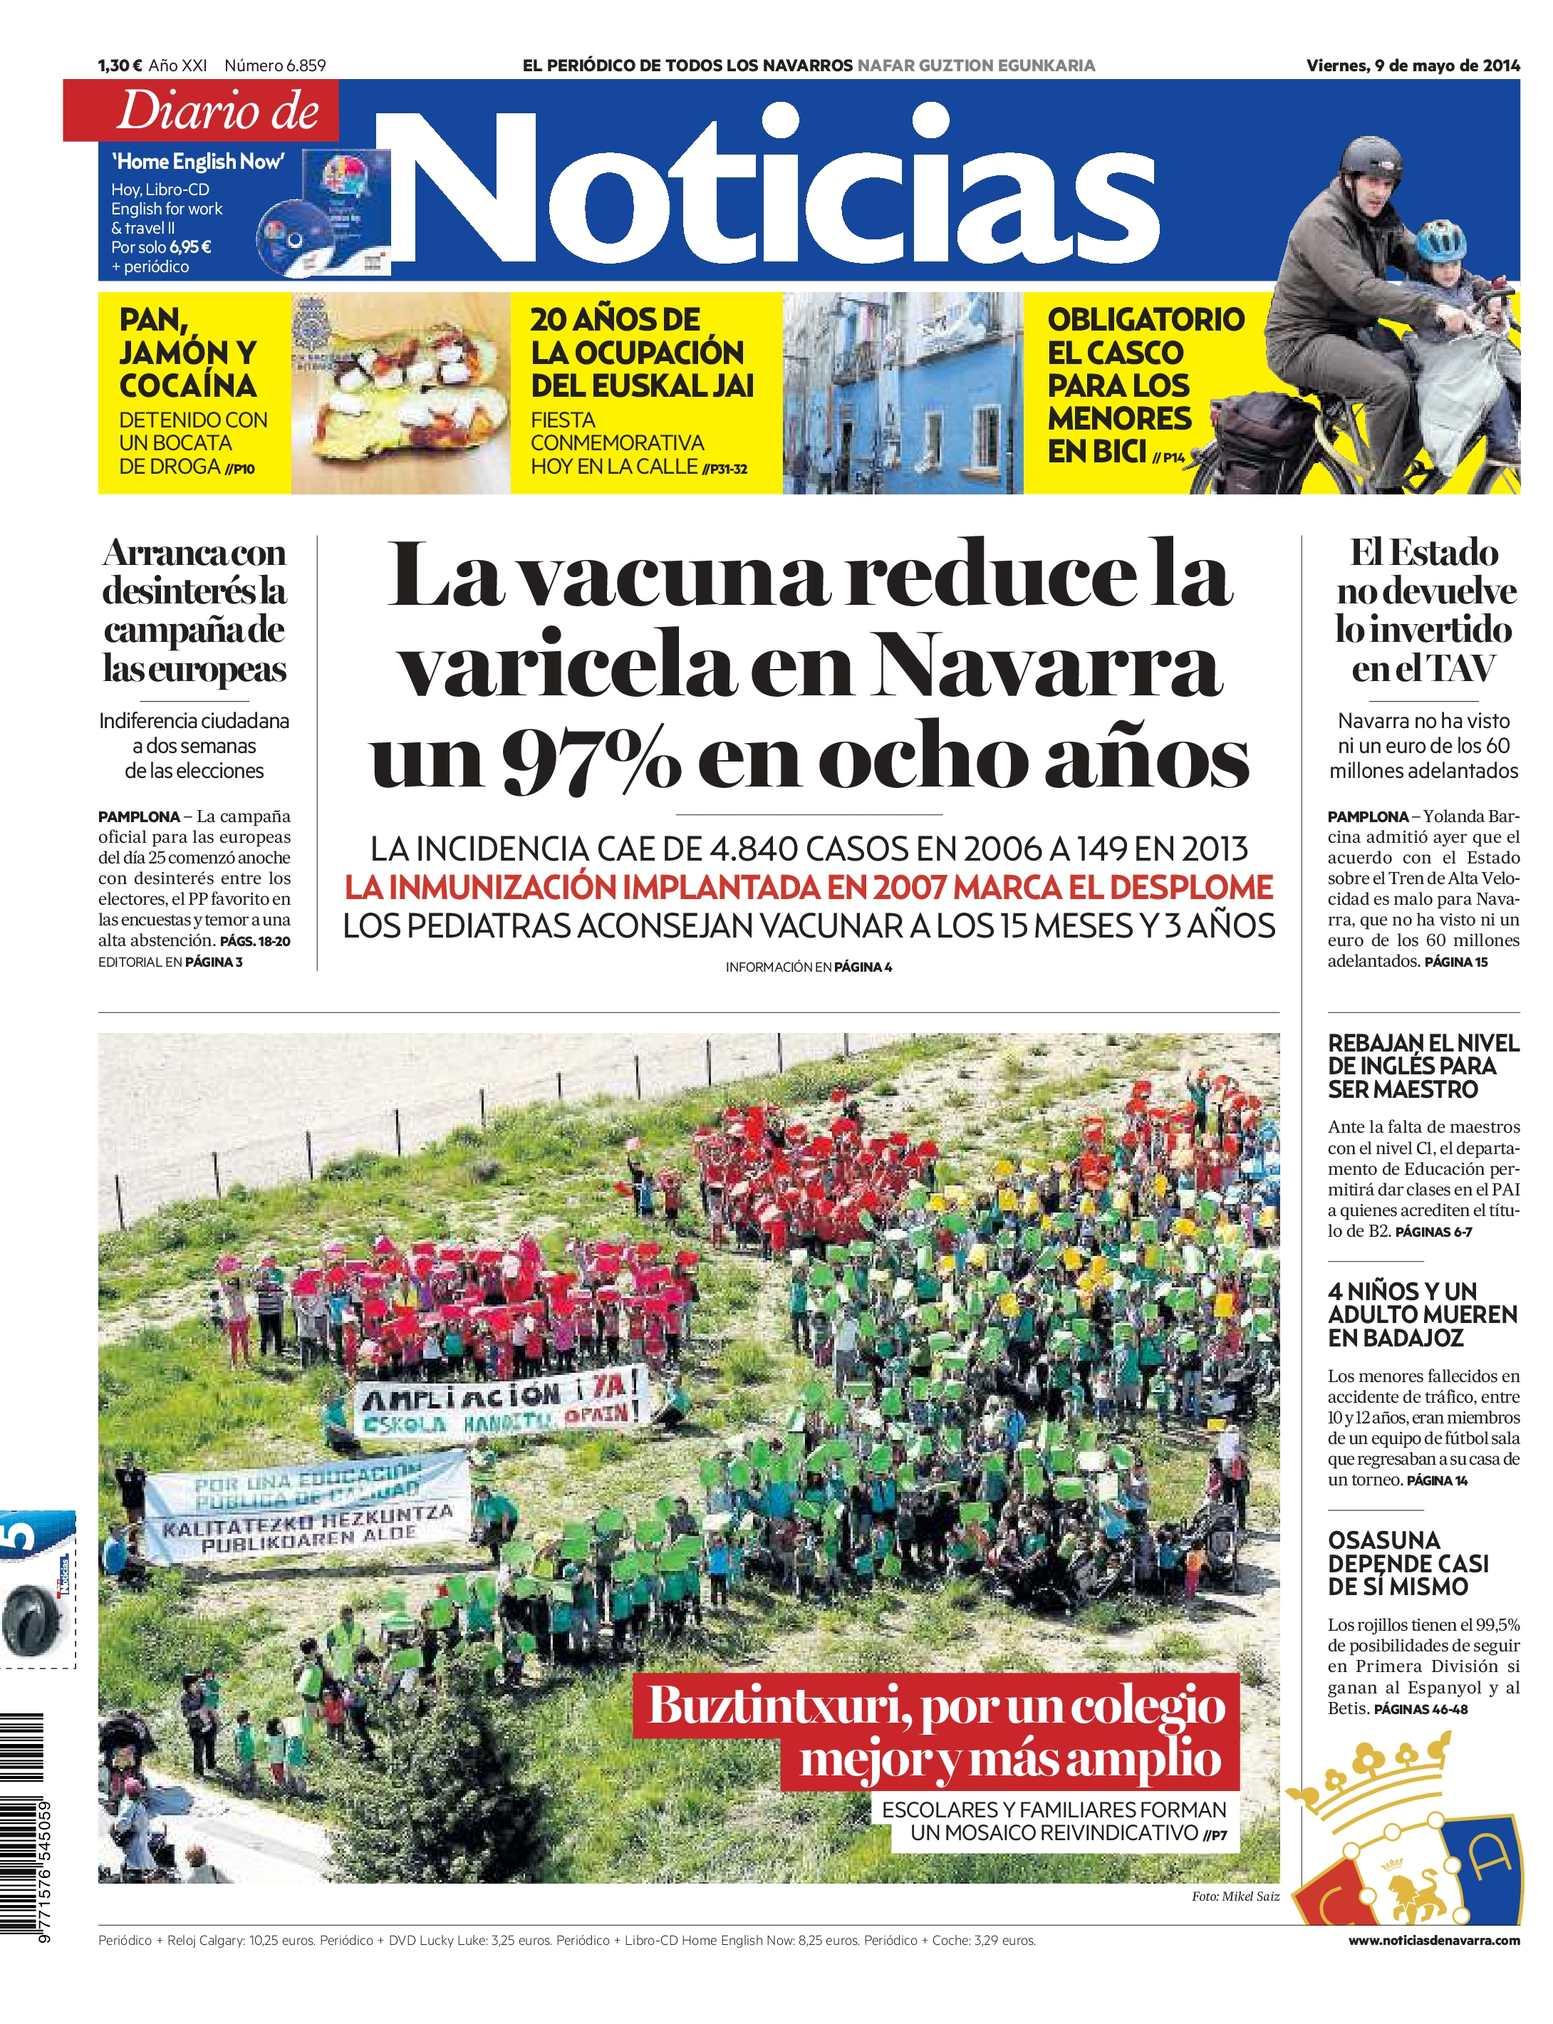 c29d711127 Calaméo - Diario de Noticias 20140509